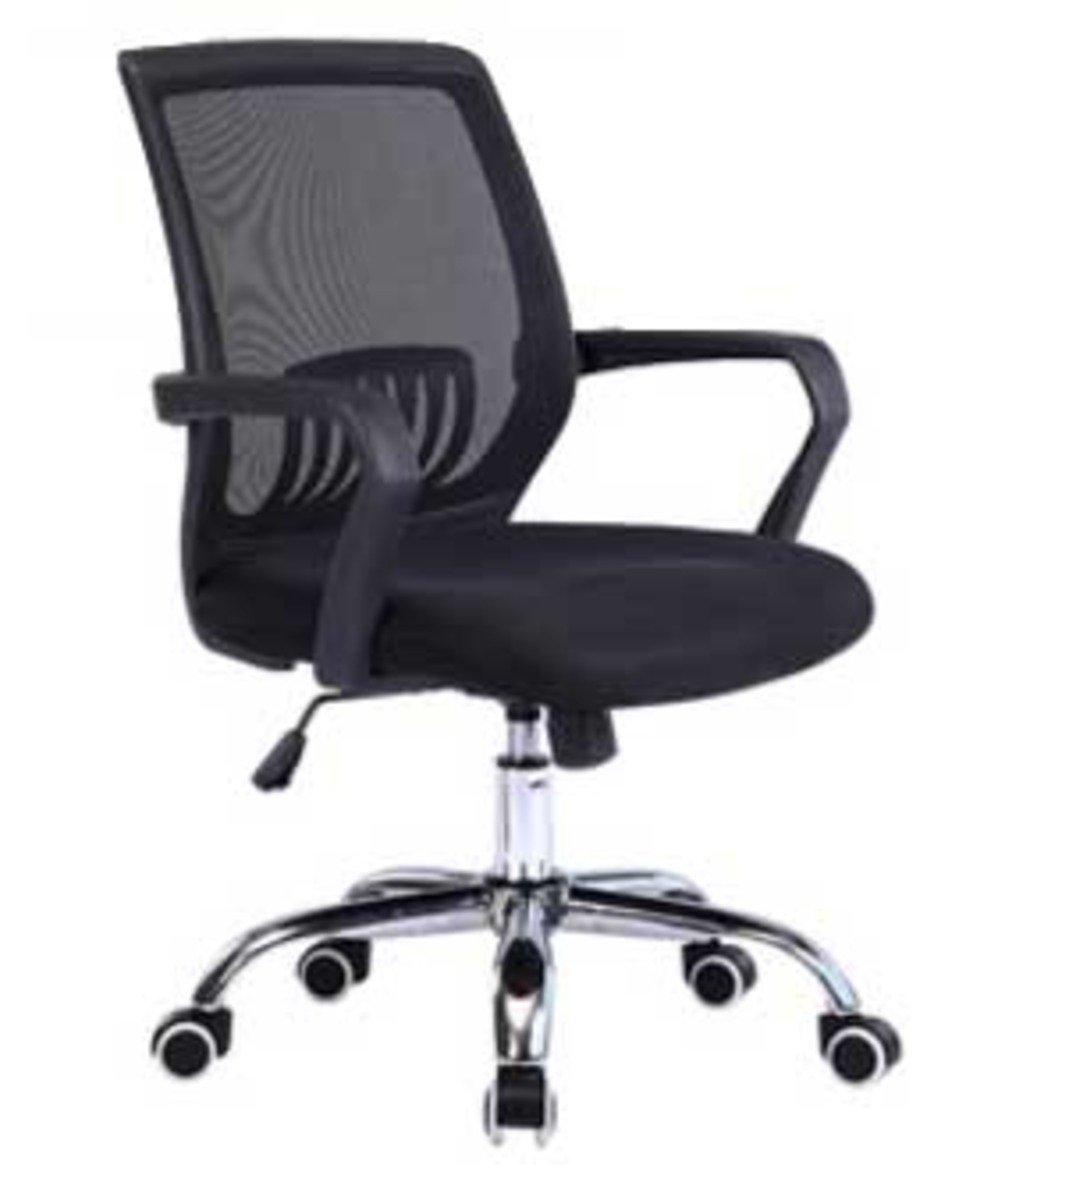 人體工學辦公椅-黑框(黑色)